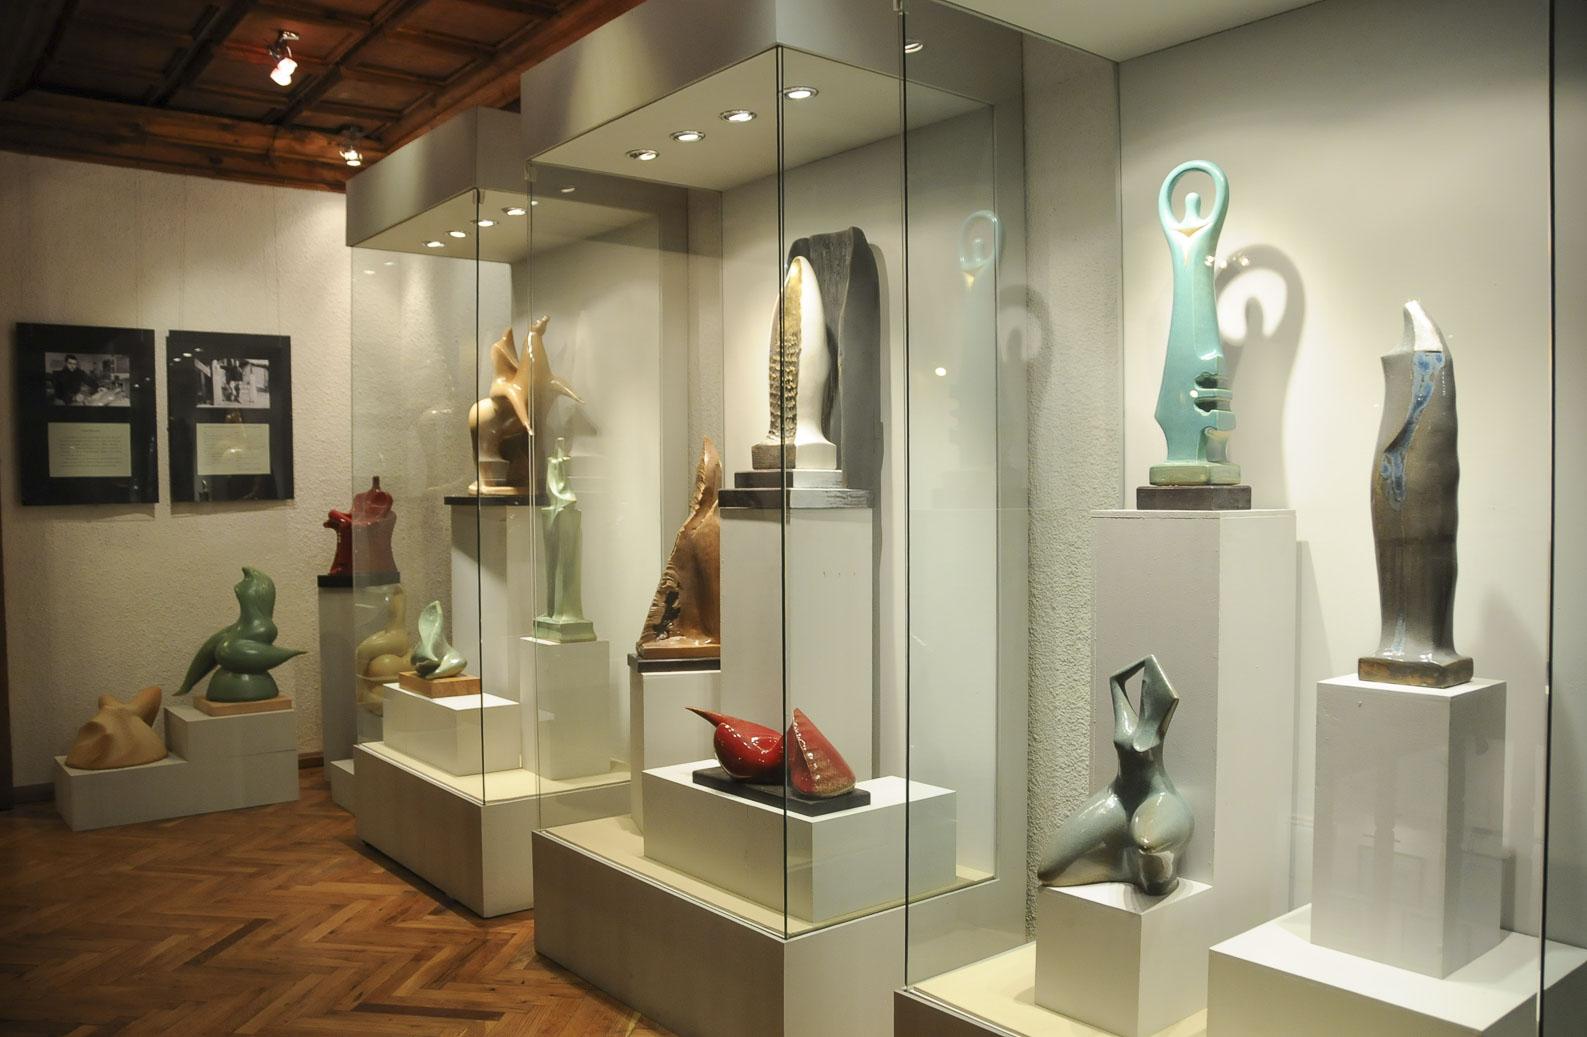 troyan-museum-georgi-mielnov-18